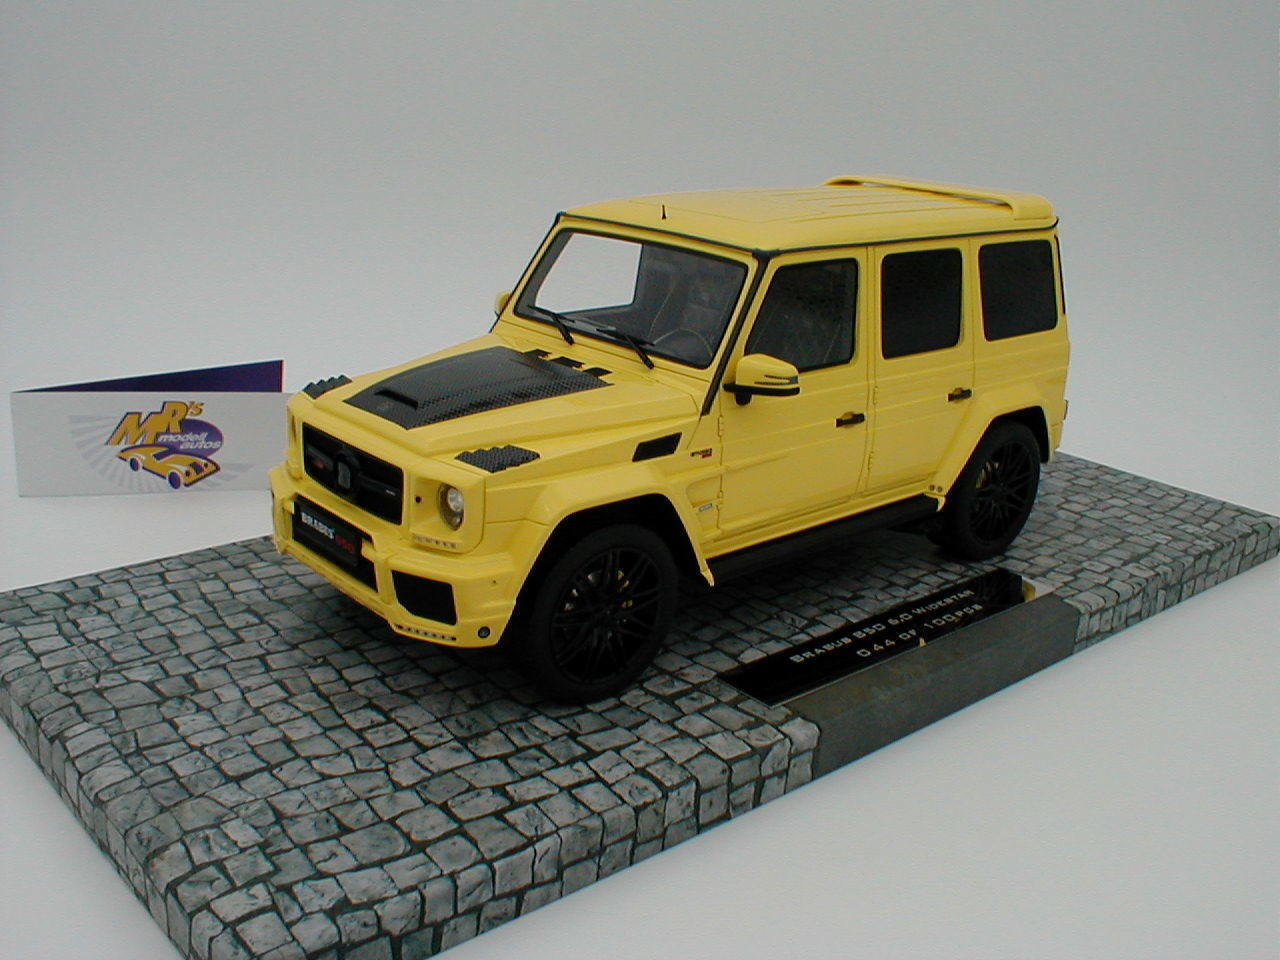 Minichamps 107032402 - Brabus 850 6.0 Widestar Bj. 2016 in   gelb   1 18 NEUHEIT  | Neuheit Spielzeug